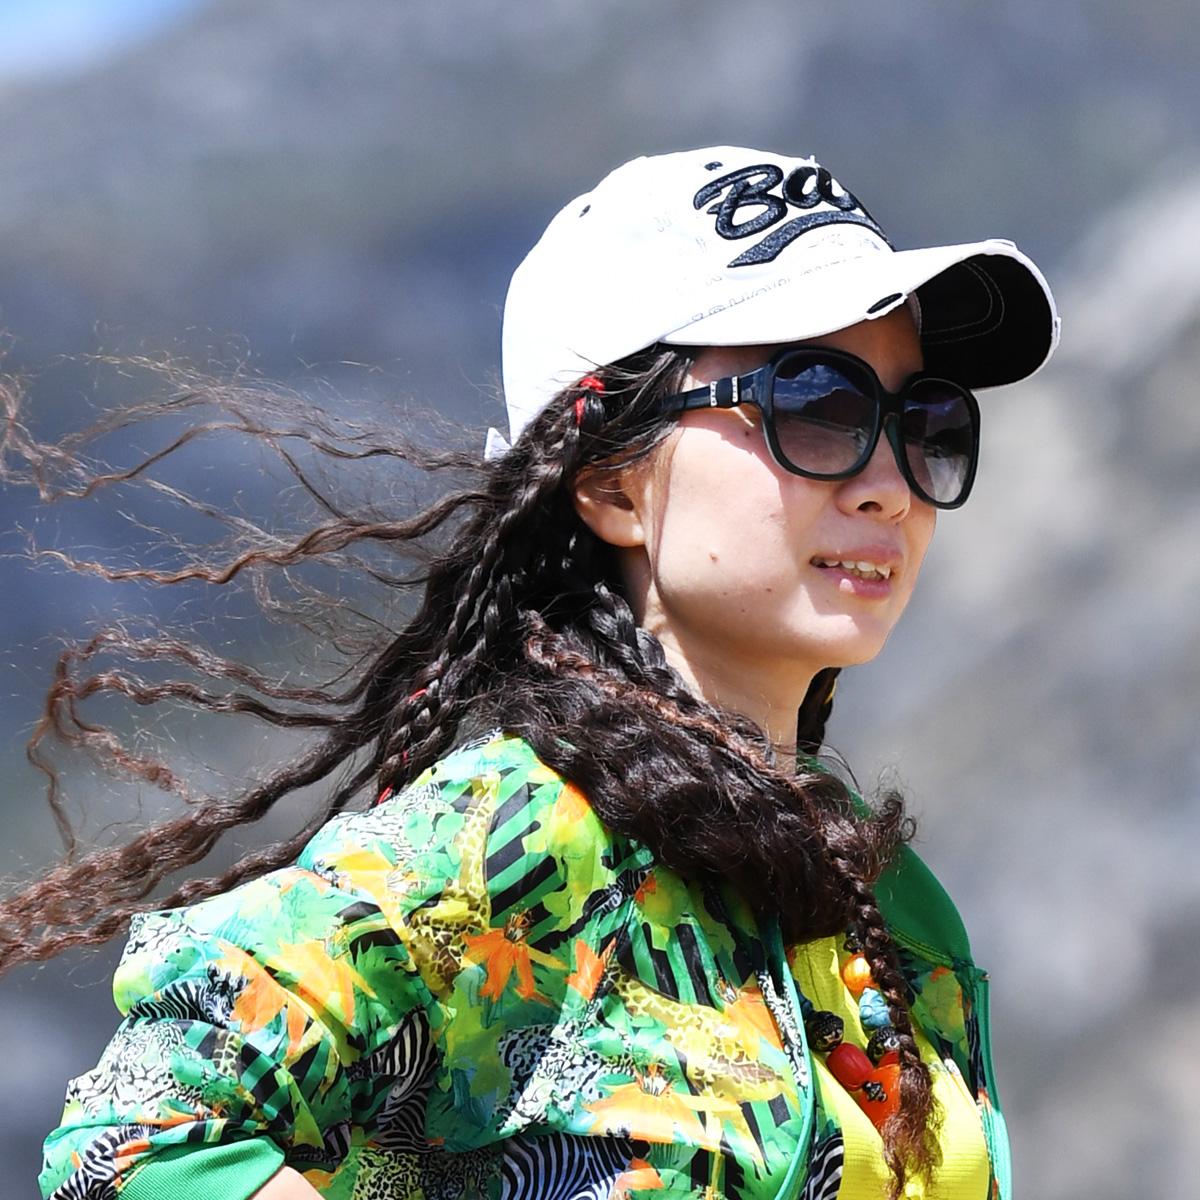 Bắc Kinh rừng mới của Hàn Quốc nam giới và phụ nữ mũ bóng chày ngoài trời vài giản dị vịt lưỡi giản dị thể thao